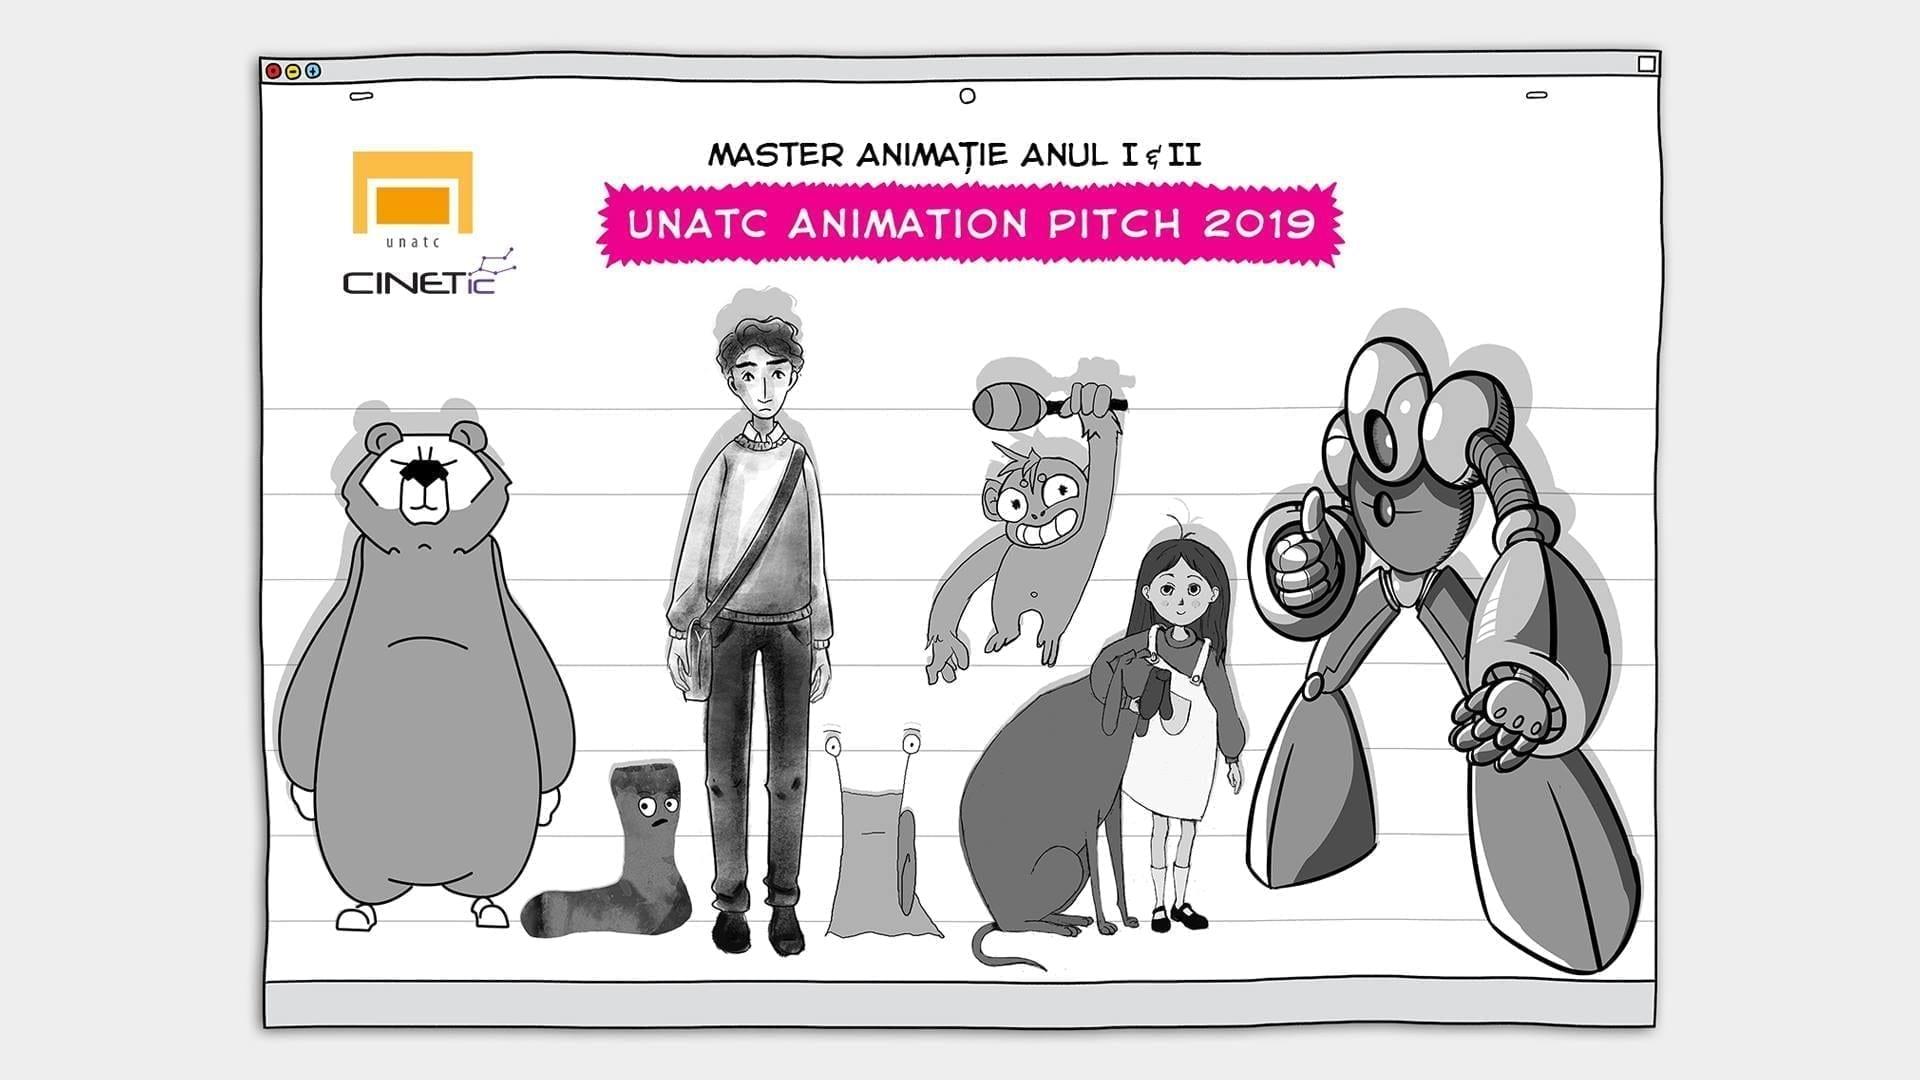 UNATC Animation Pitch 2019